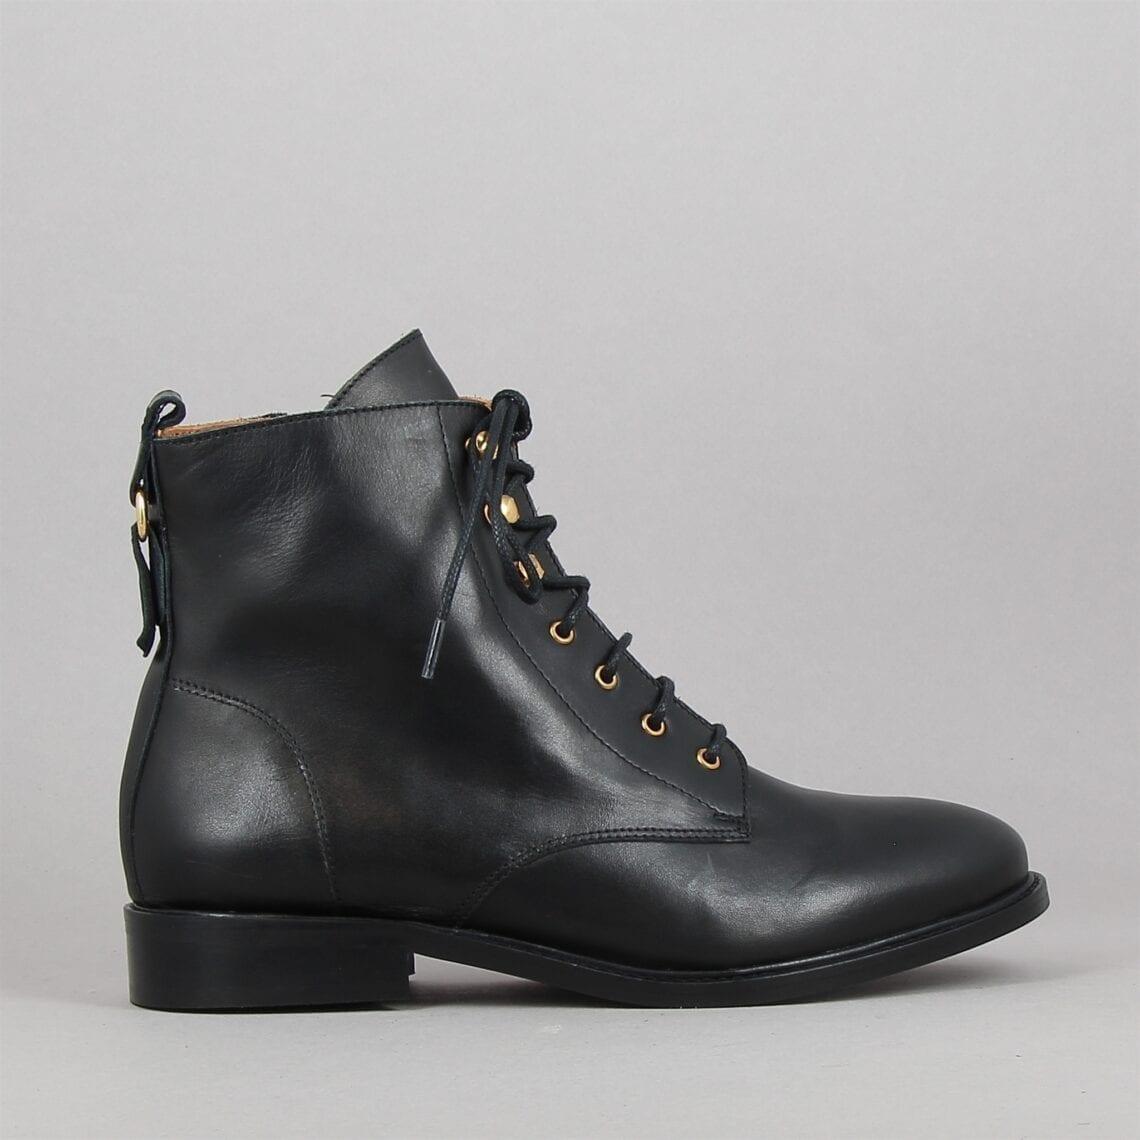 estelle-noir-182452226-0.jpg